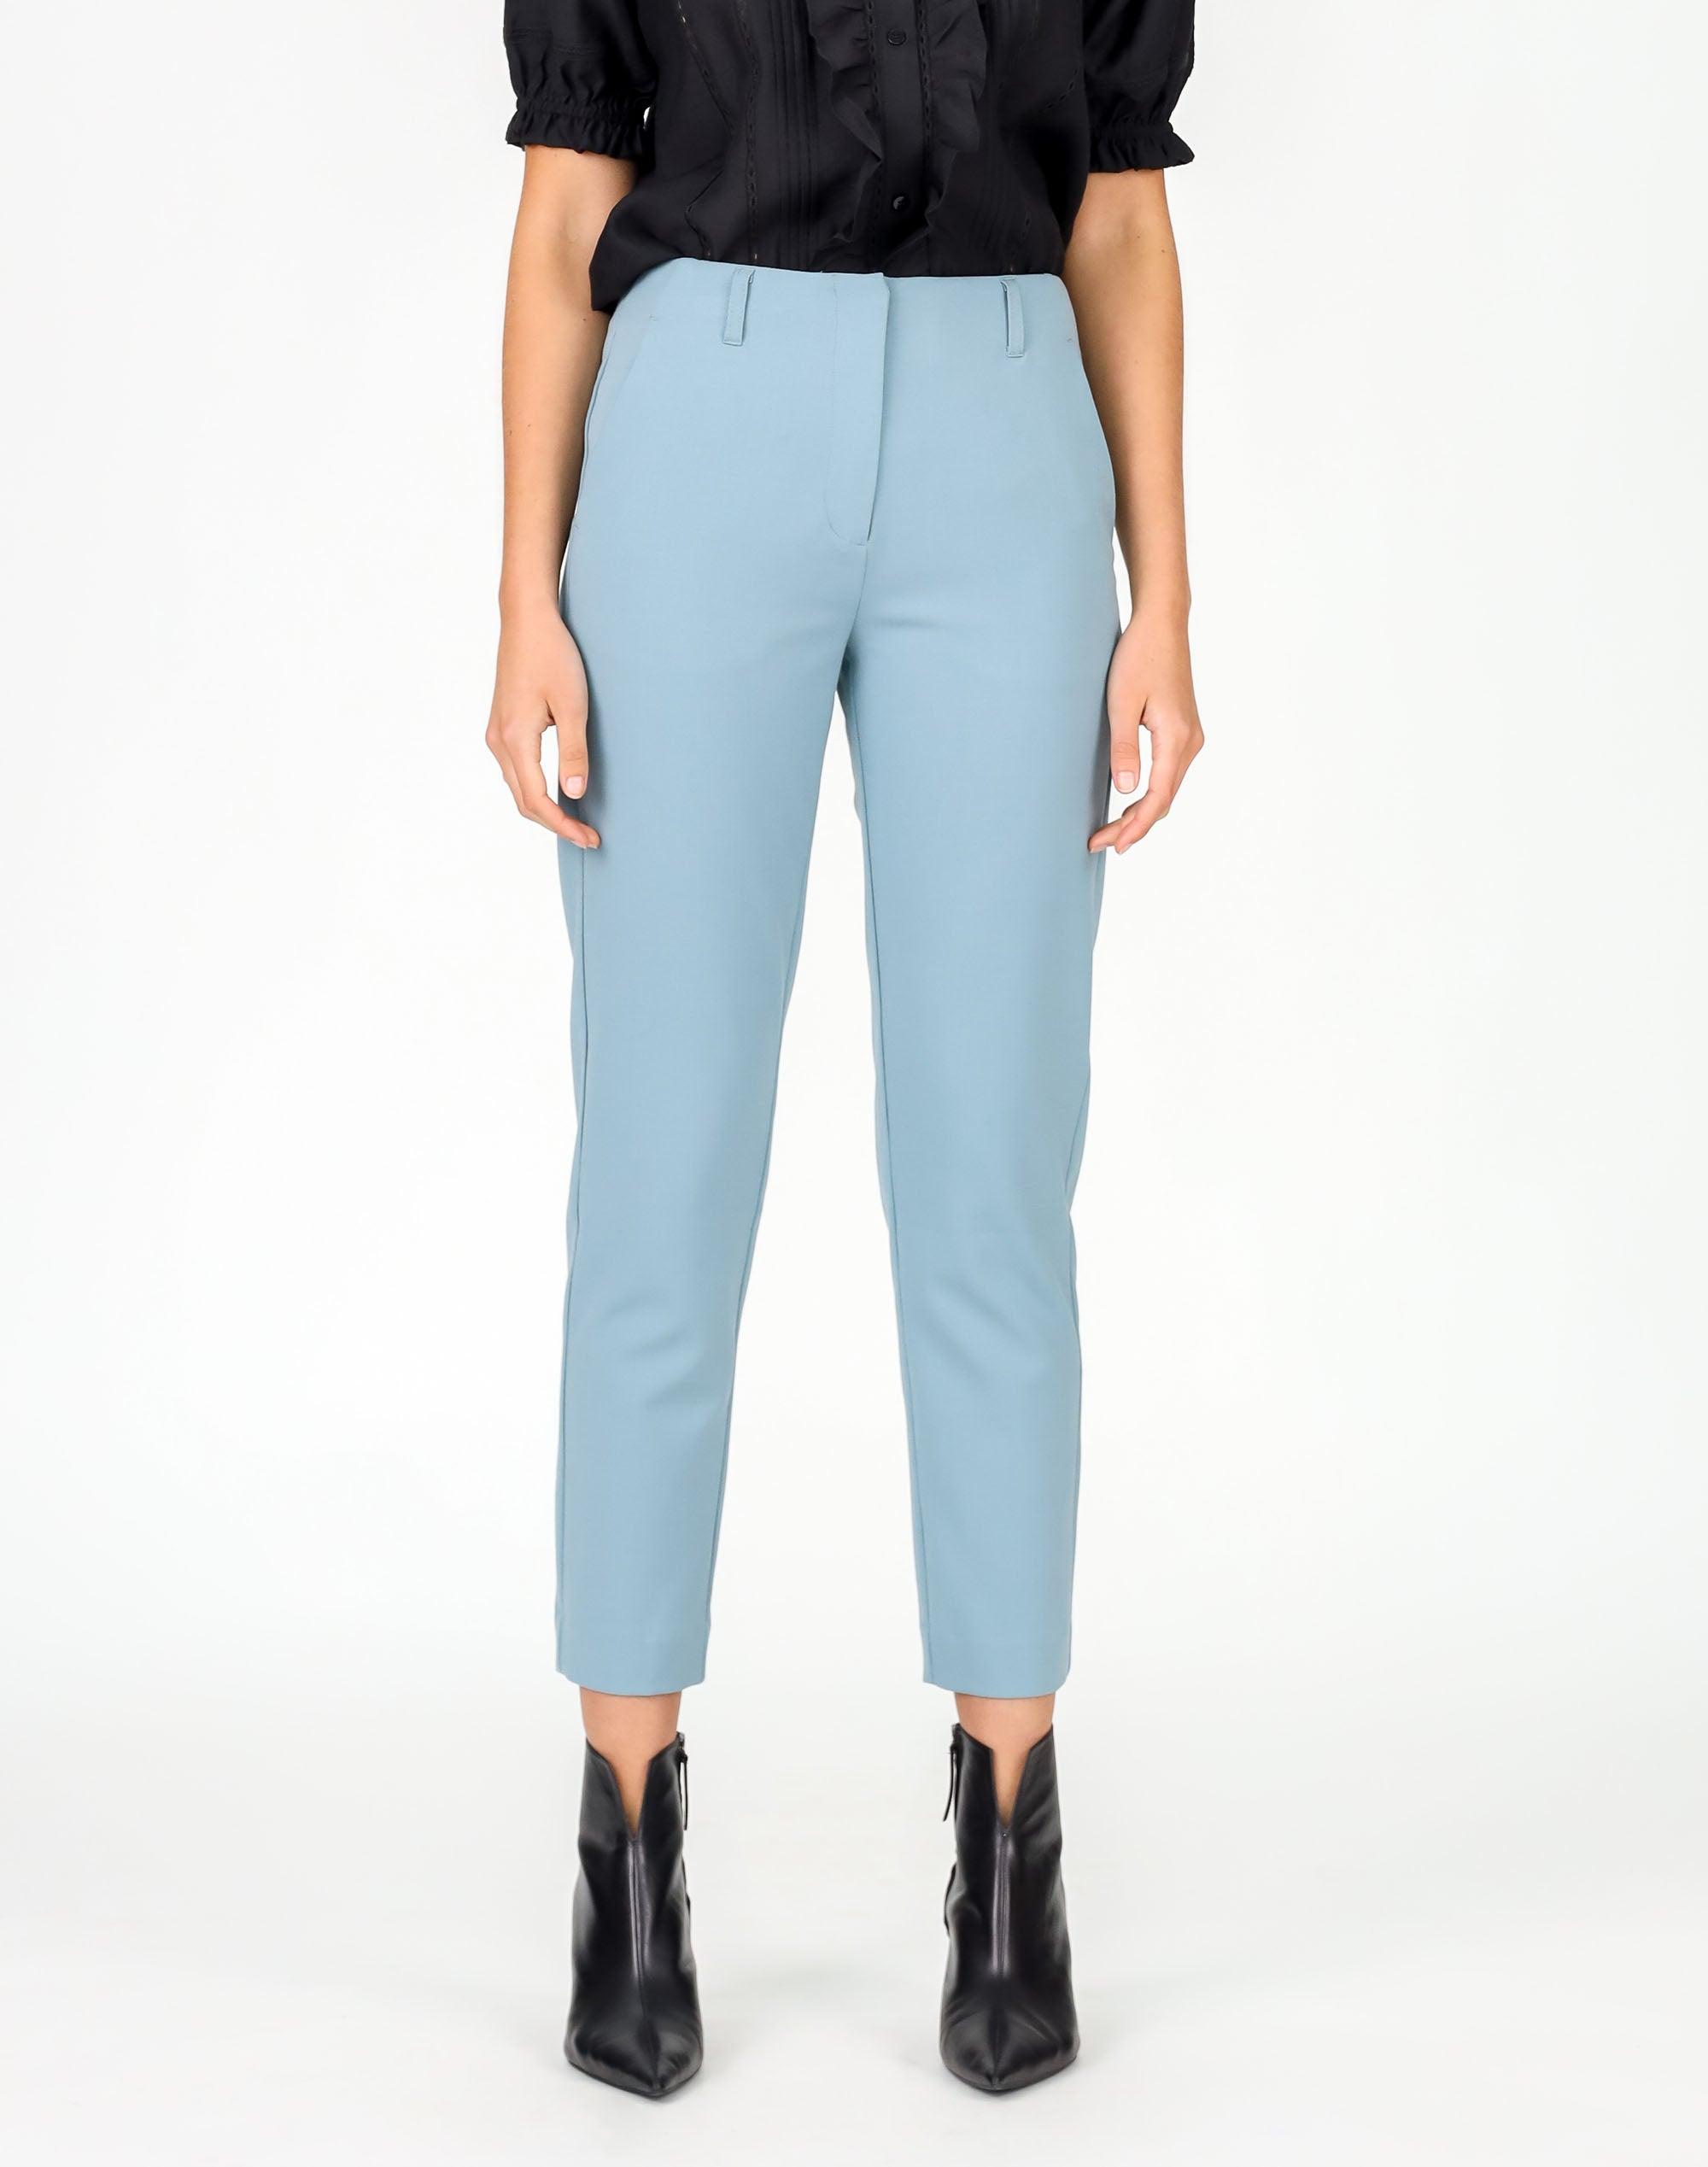 Selma Suiting Pant